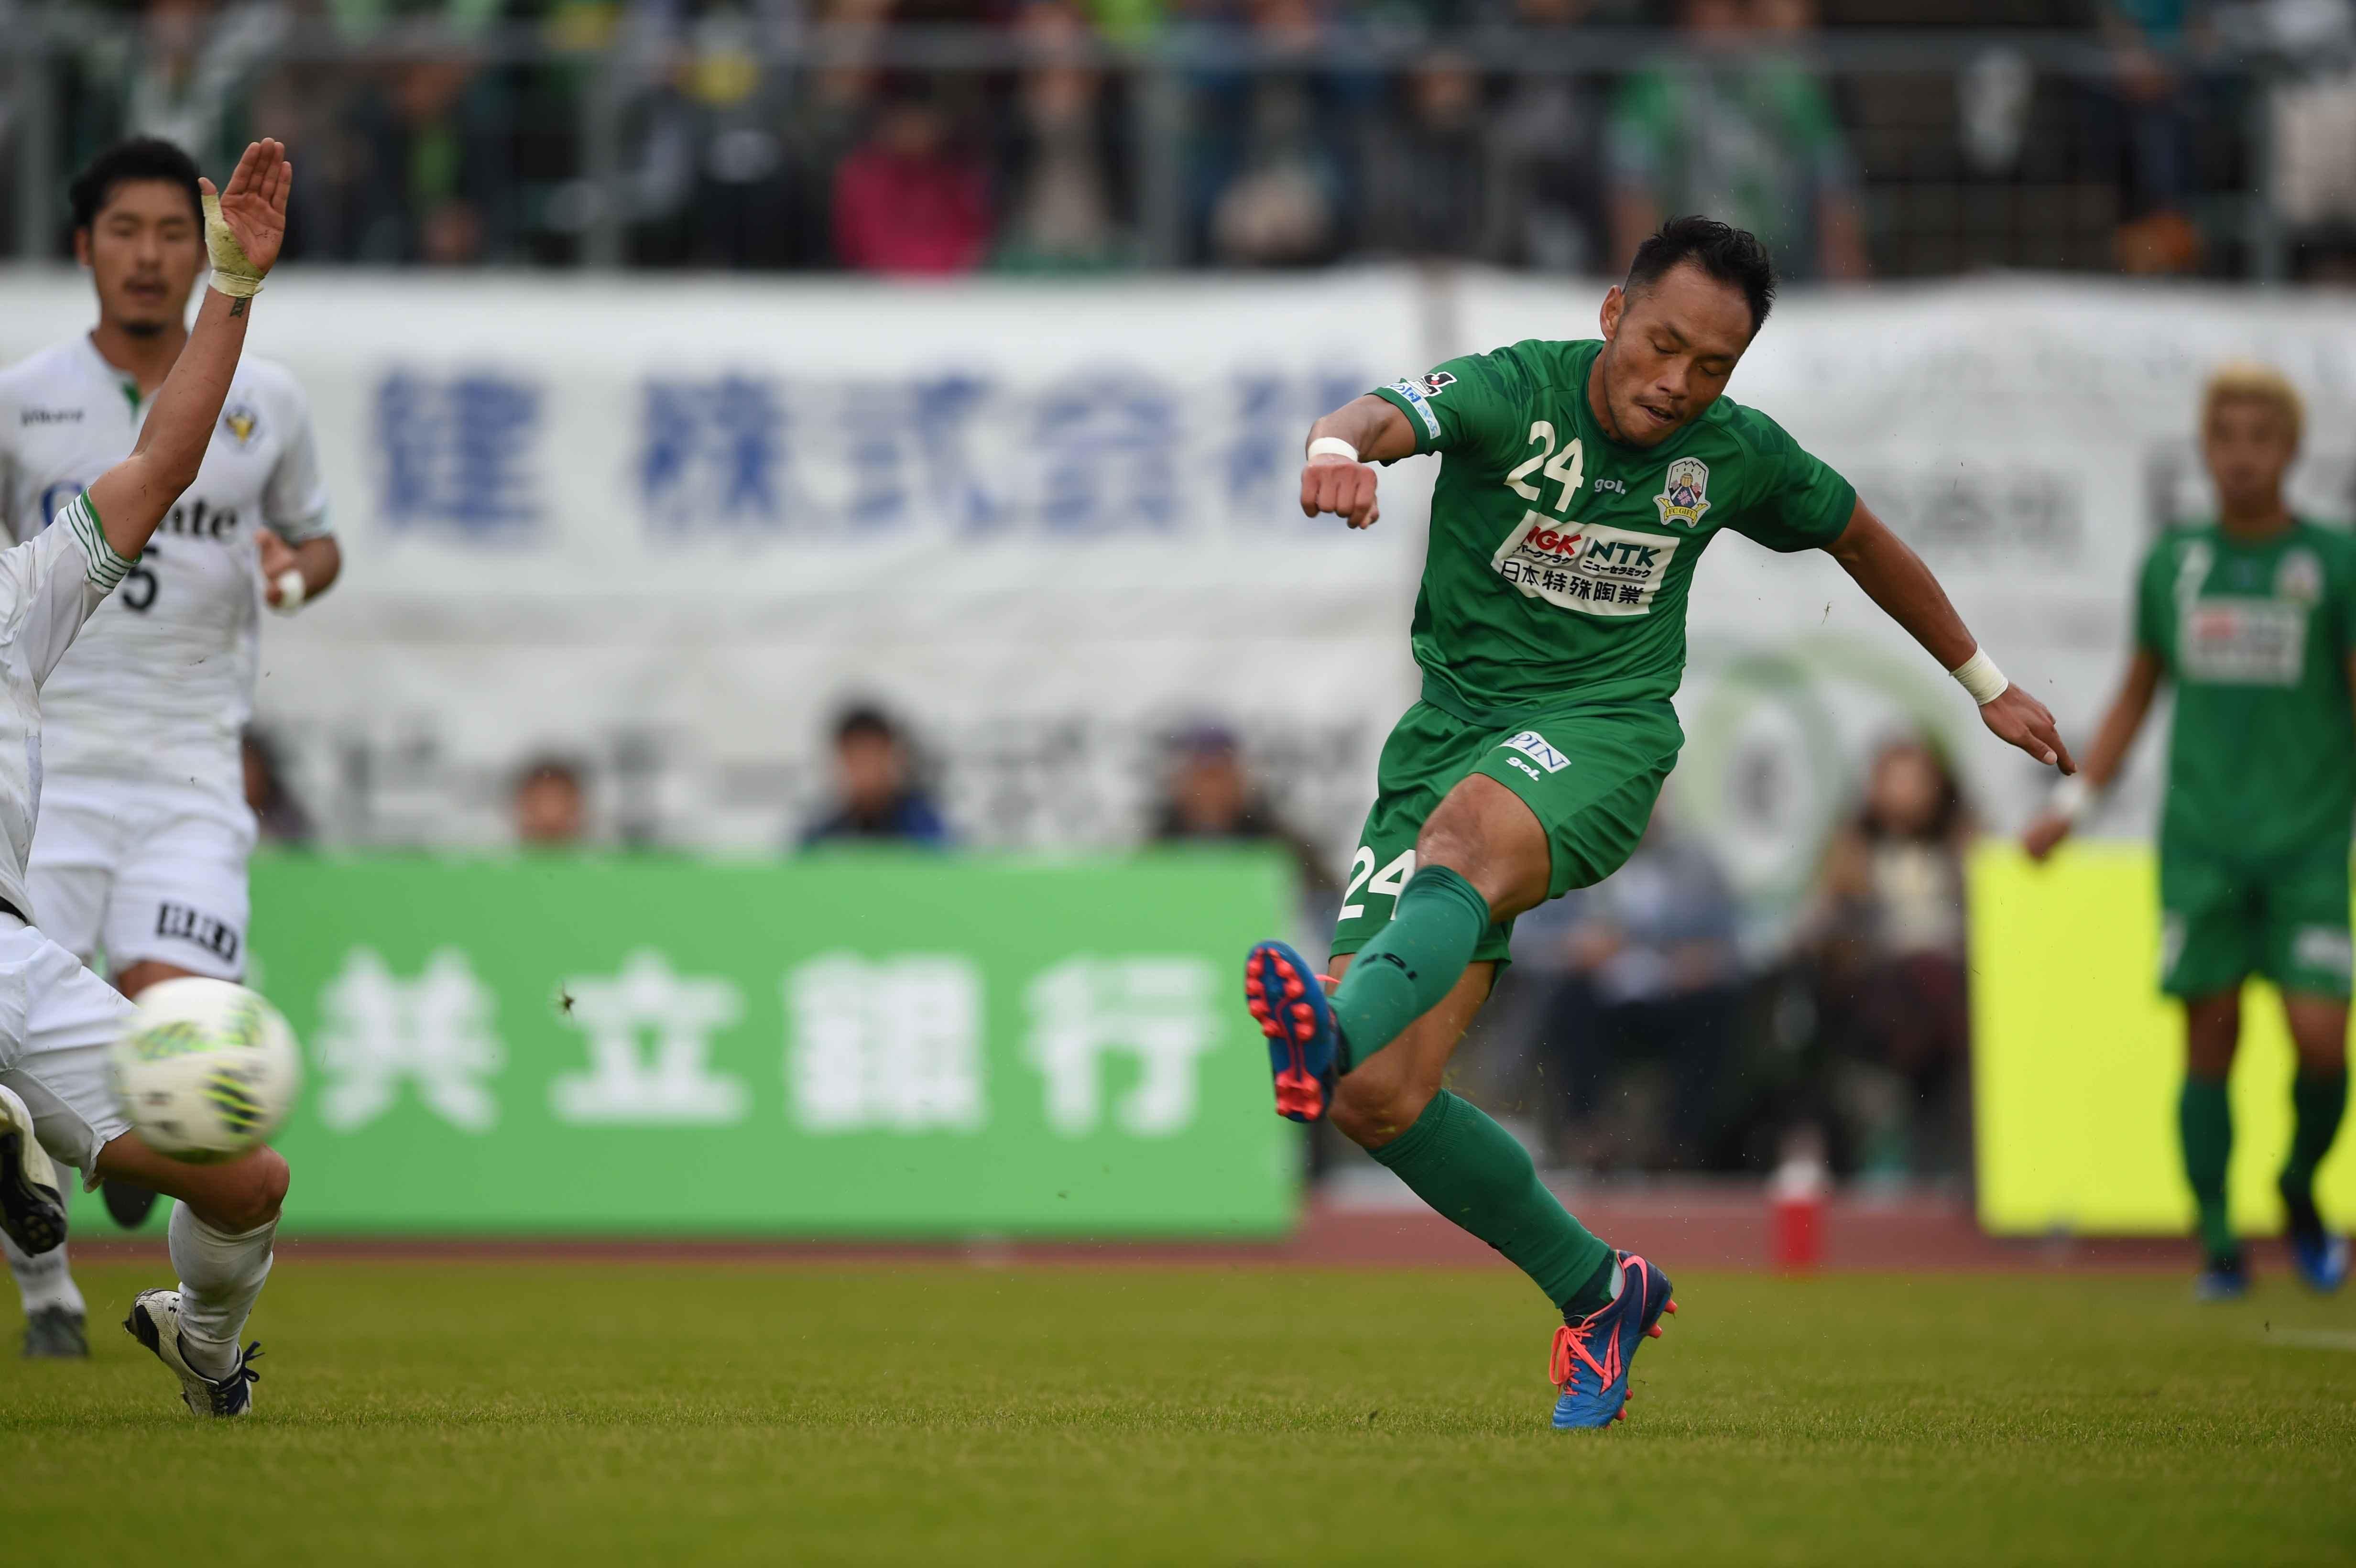 FC岐阜_東京V_Kaz_D1_0876G4